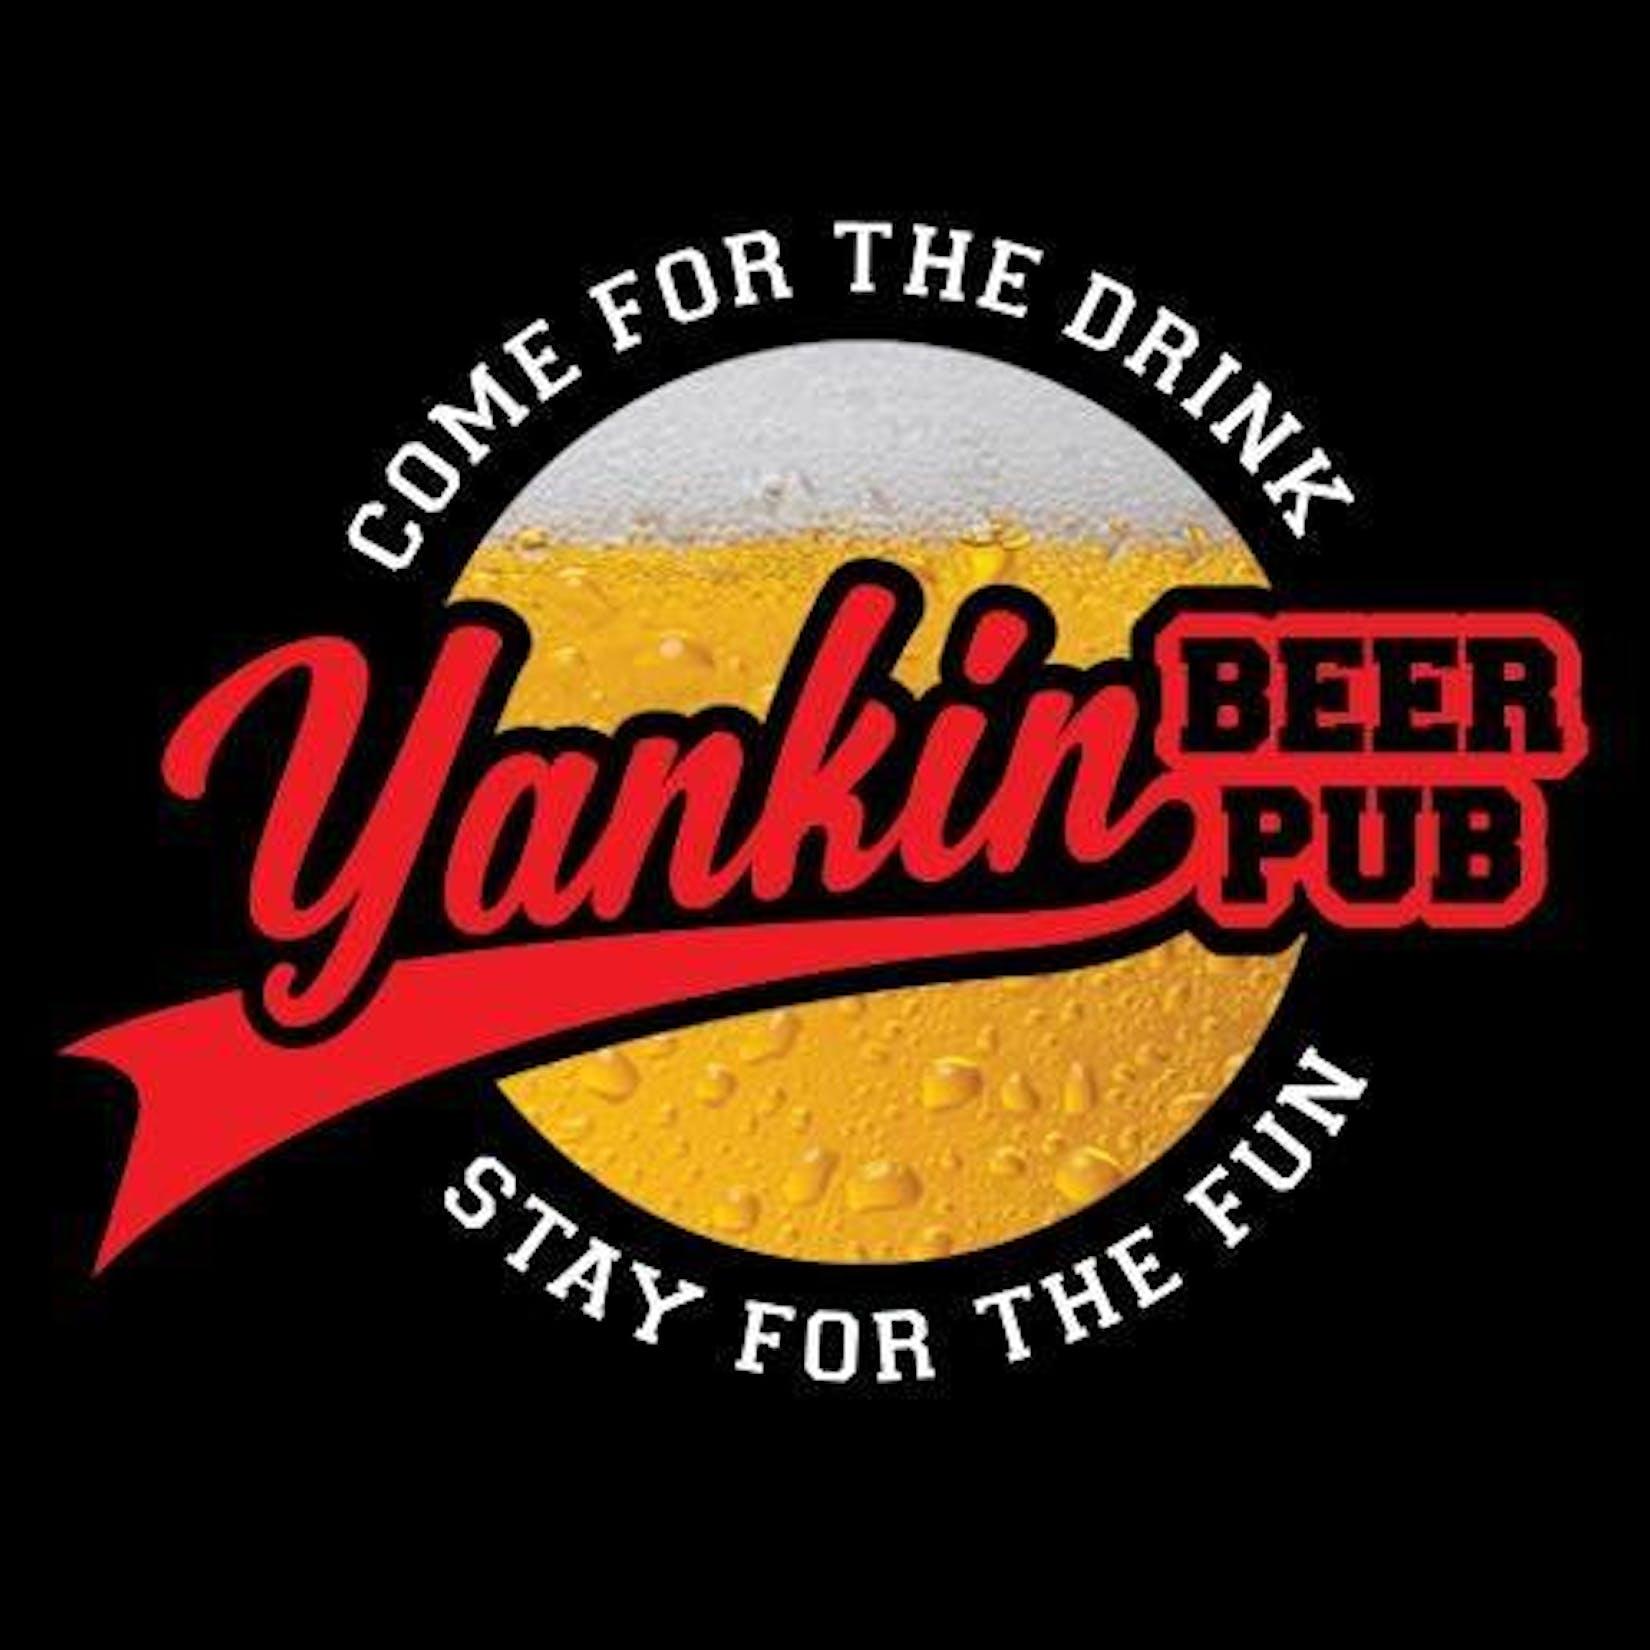 Yankin Beer Pub | yathar